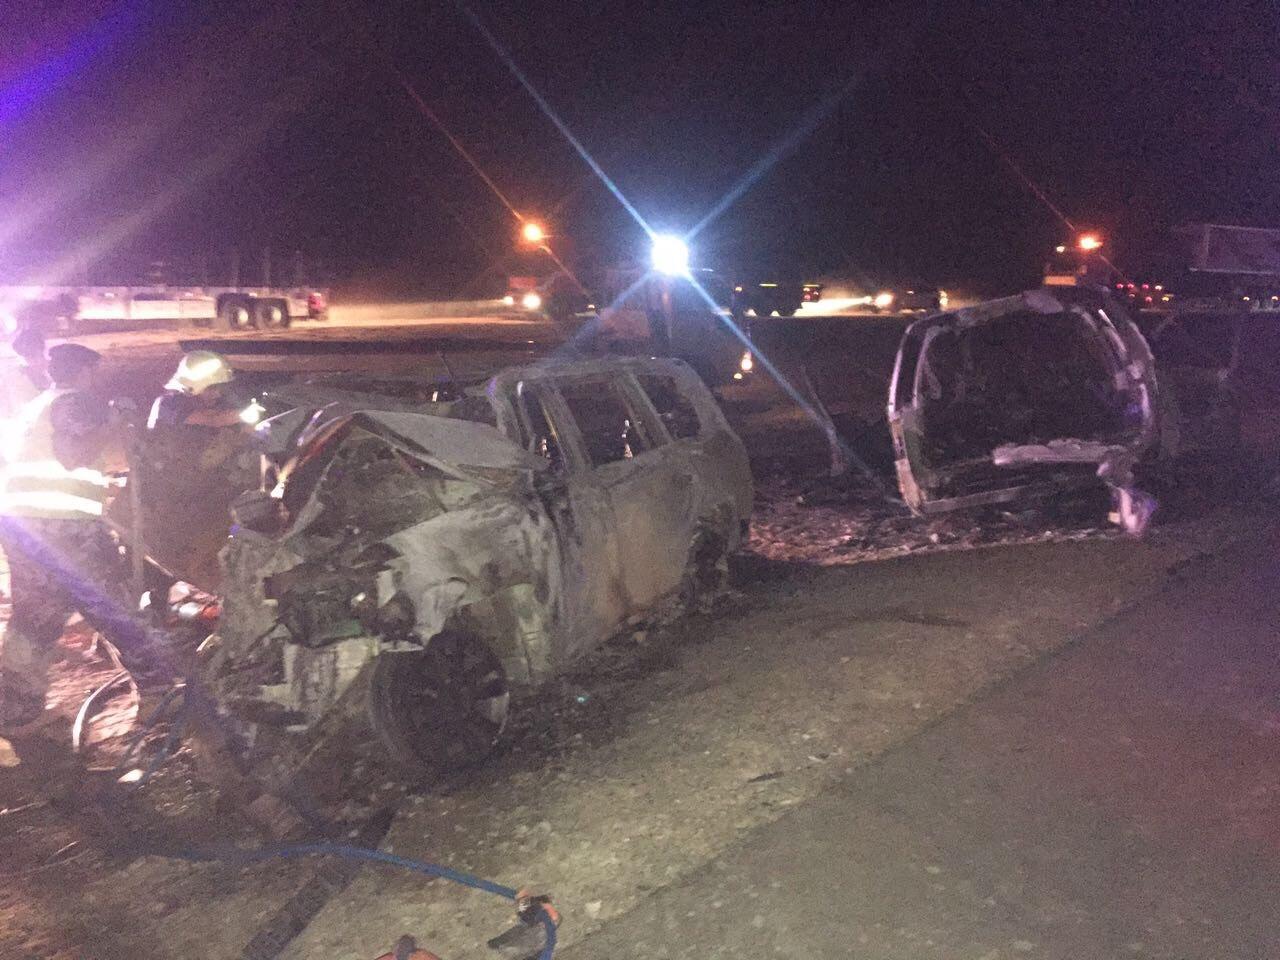 بالصور: حادث قرن علم الذي أودى بحياة وإصابة 15 سعودياً وإماراتياً